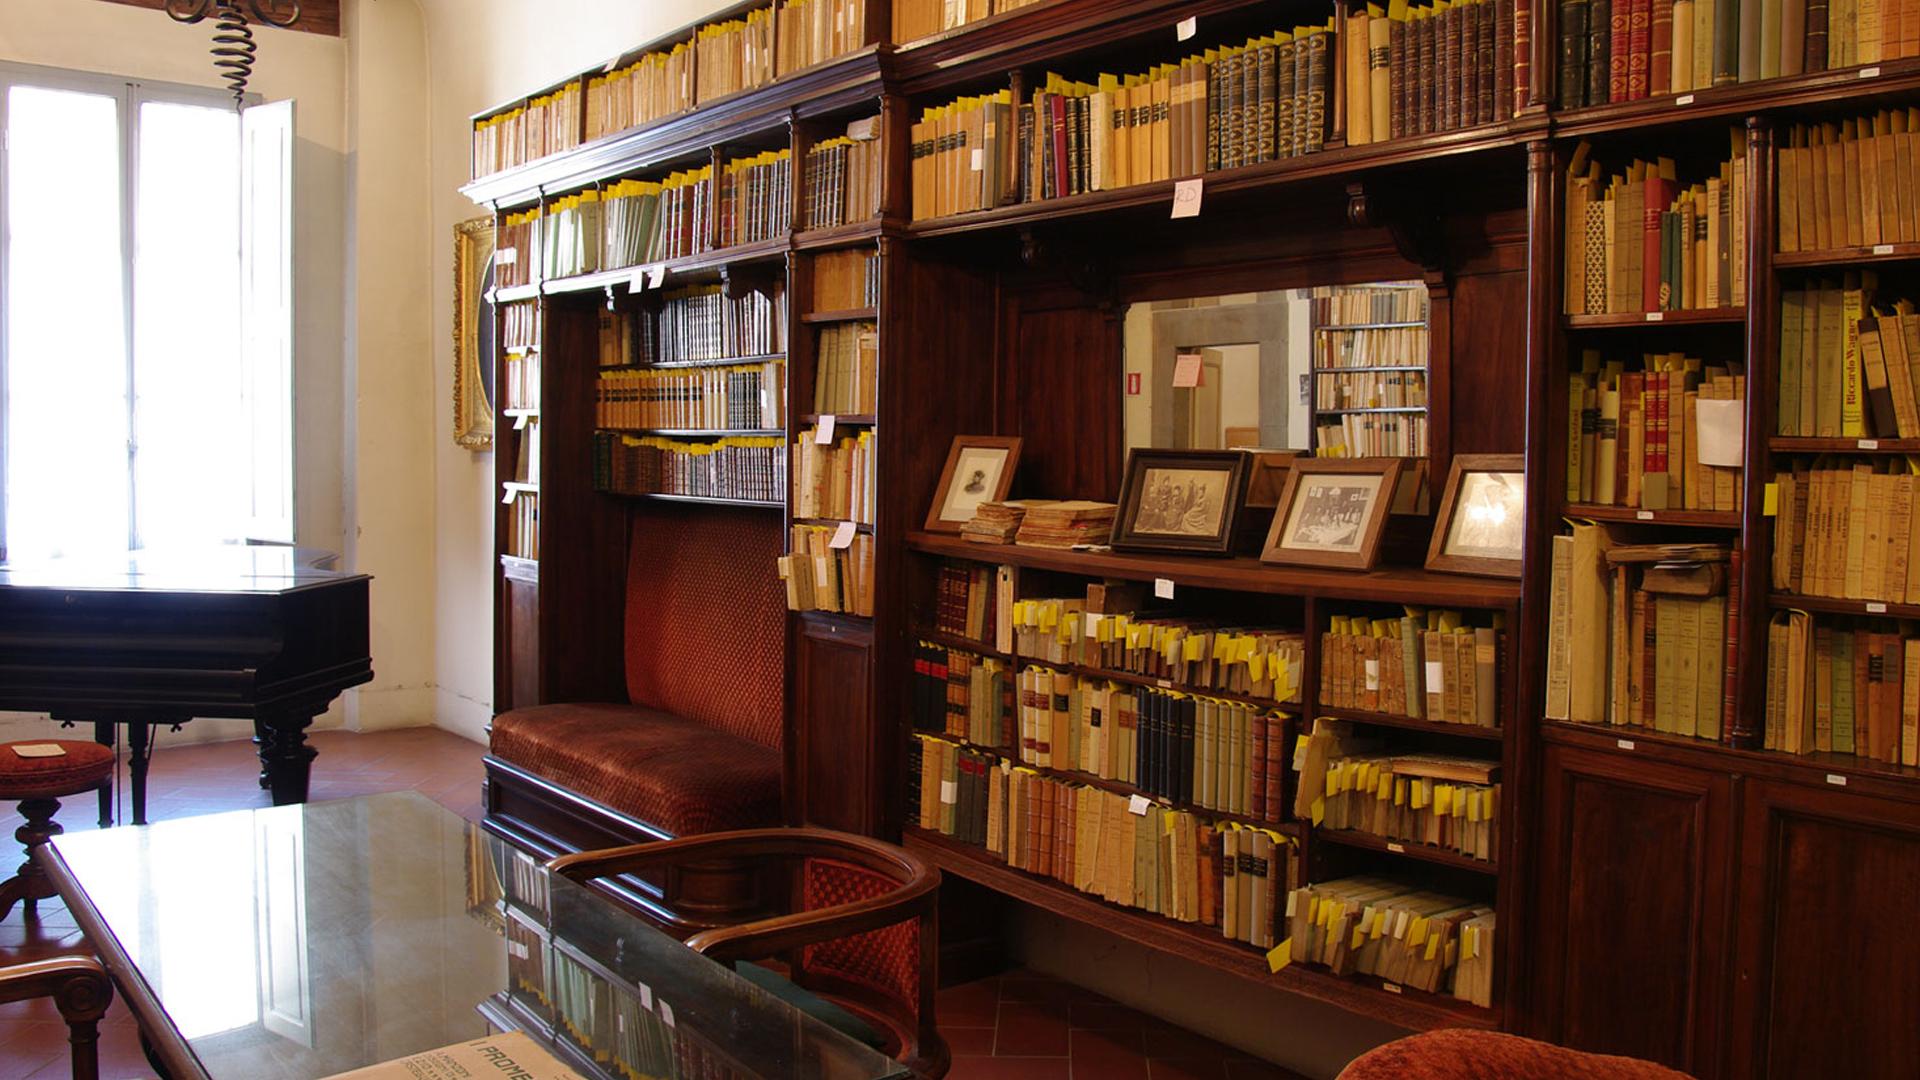 Firenze, il Gabinetto Vieusseux compie 200 anni. Intervista alla presidente Alba Donati